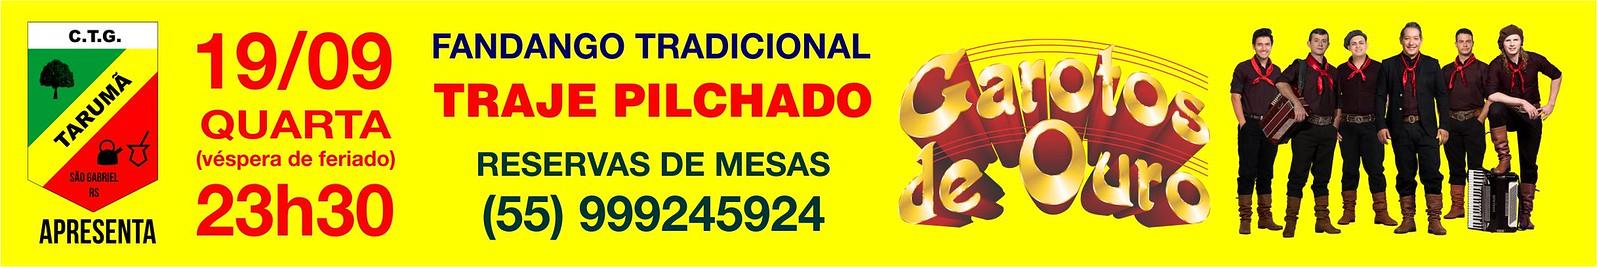 Anúncio Fandango CTG Tarumã - Garotos de Ouro